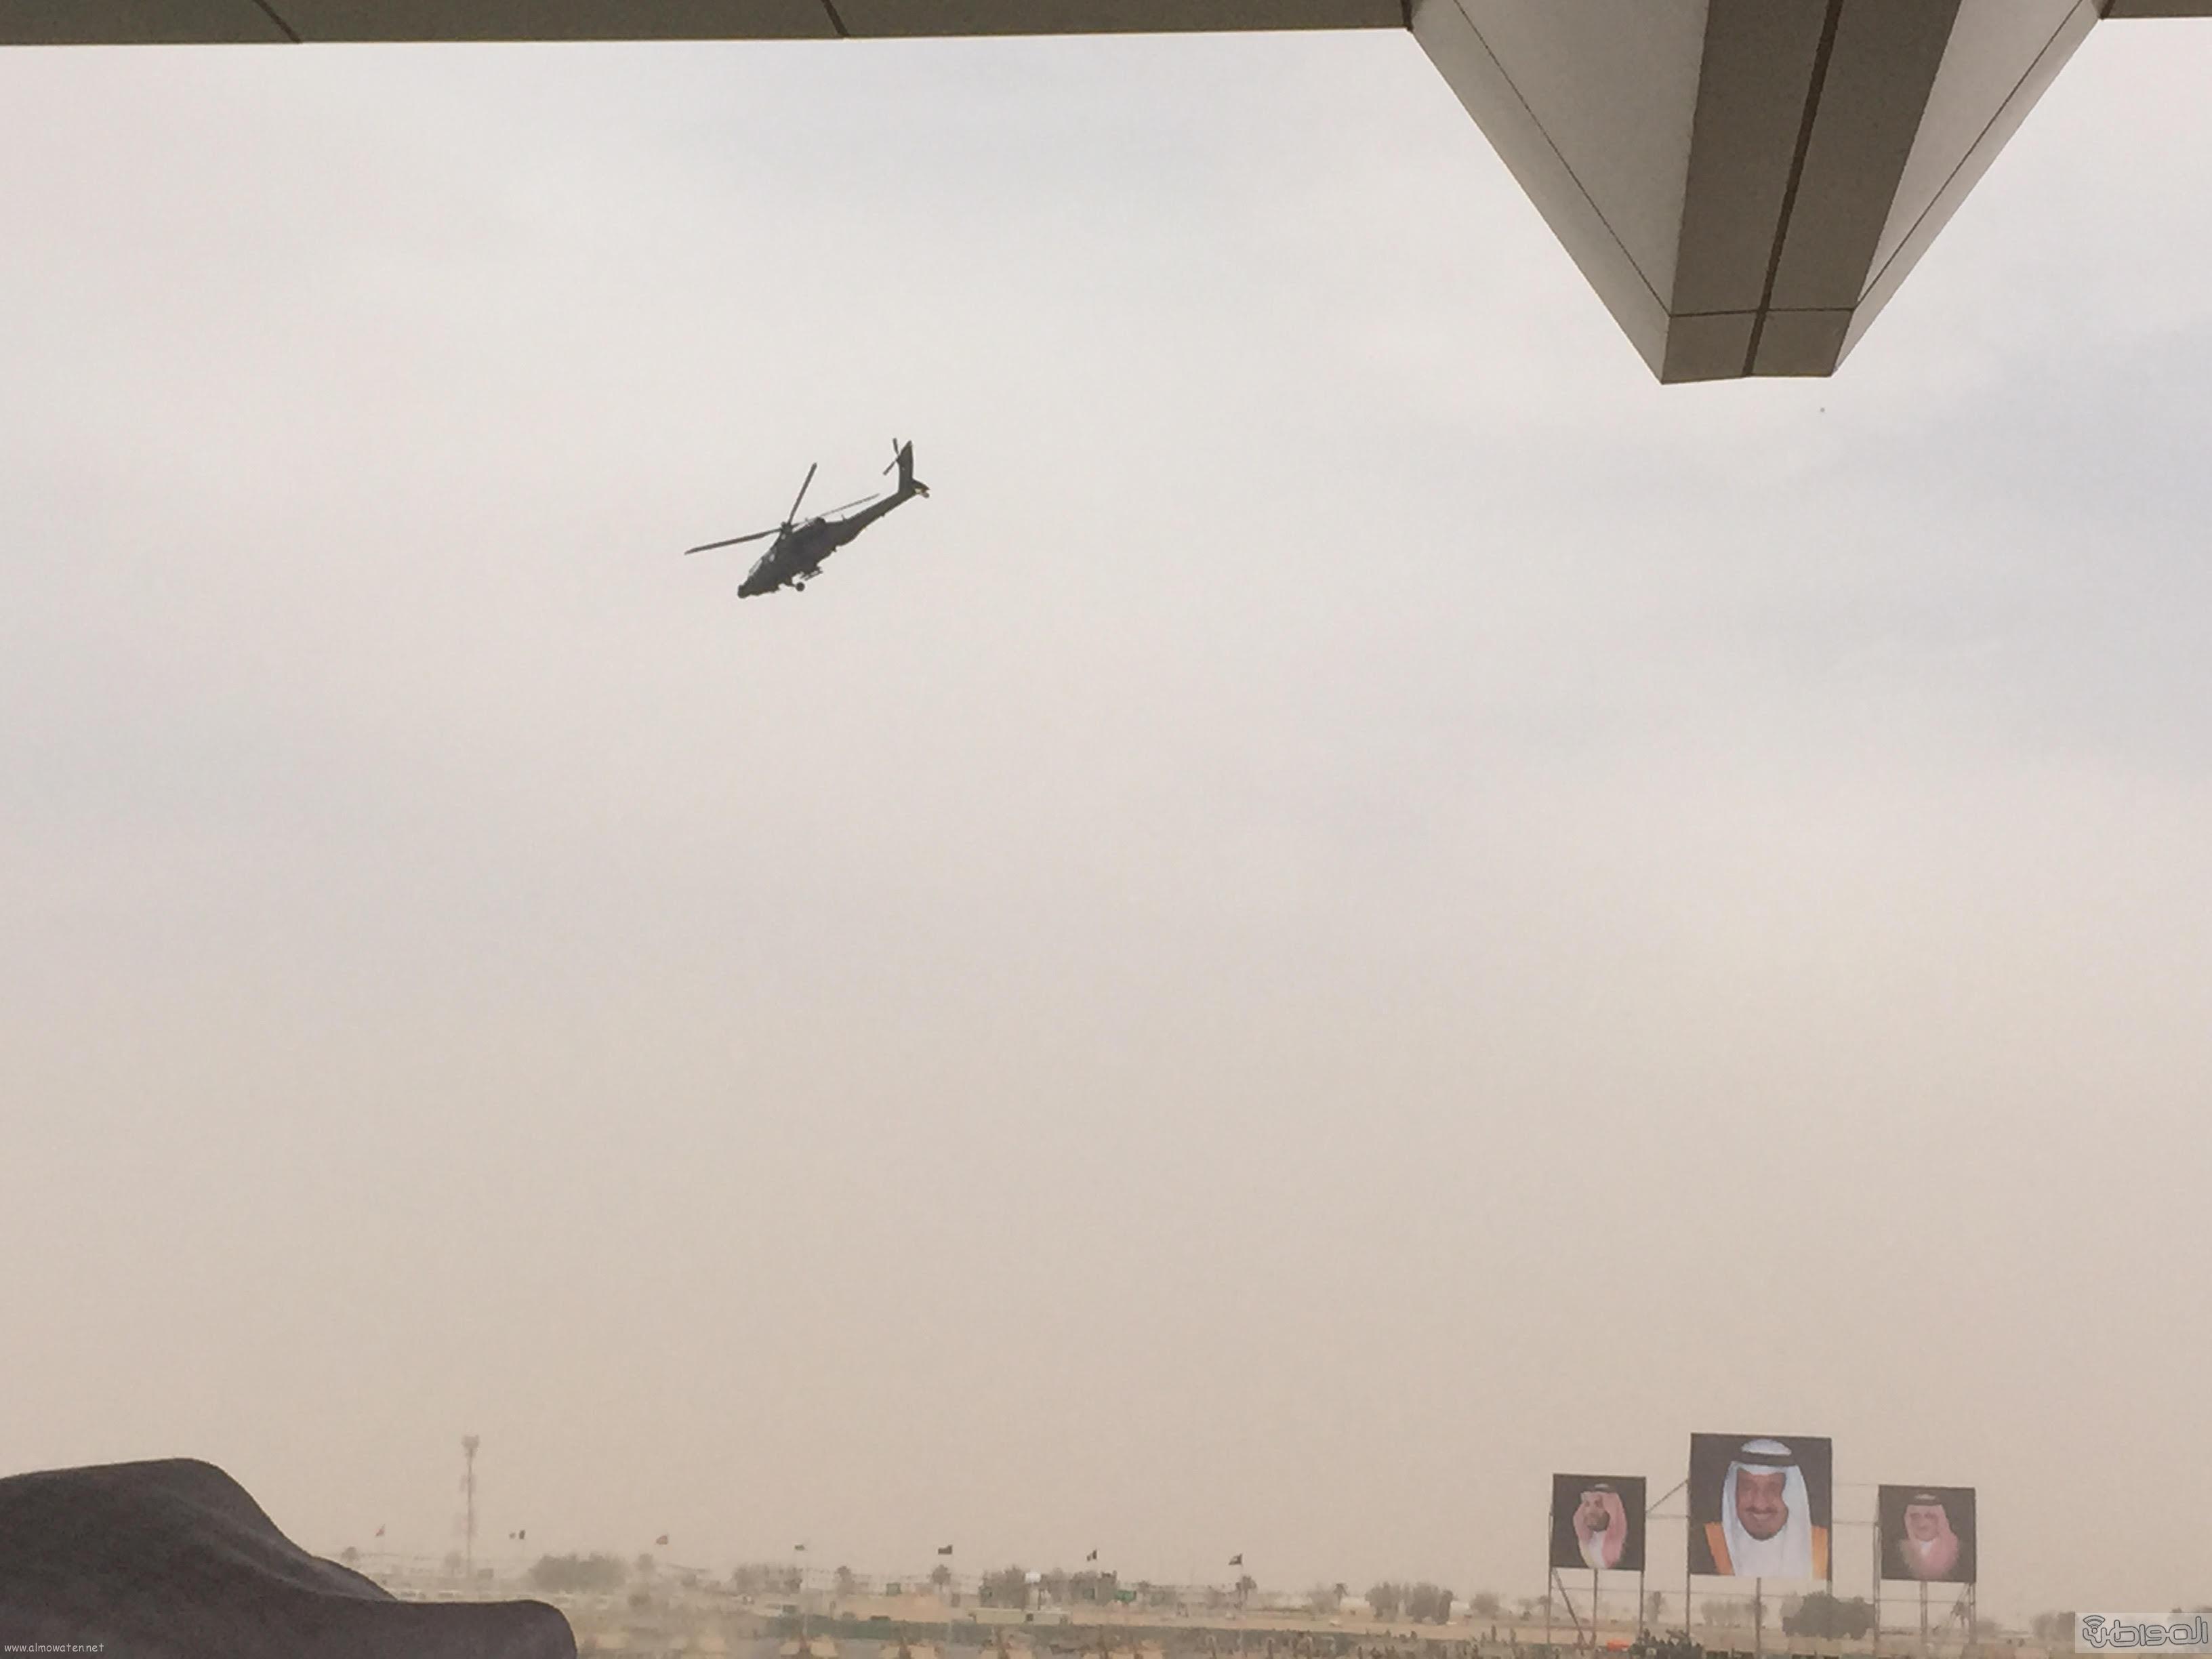 قائد يستعرض طائرة اباتشي امام الملك سلمان (2)